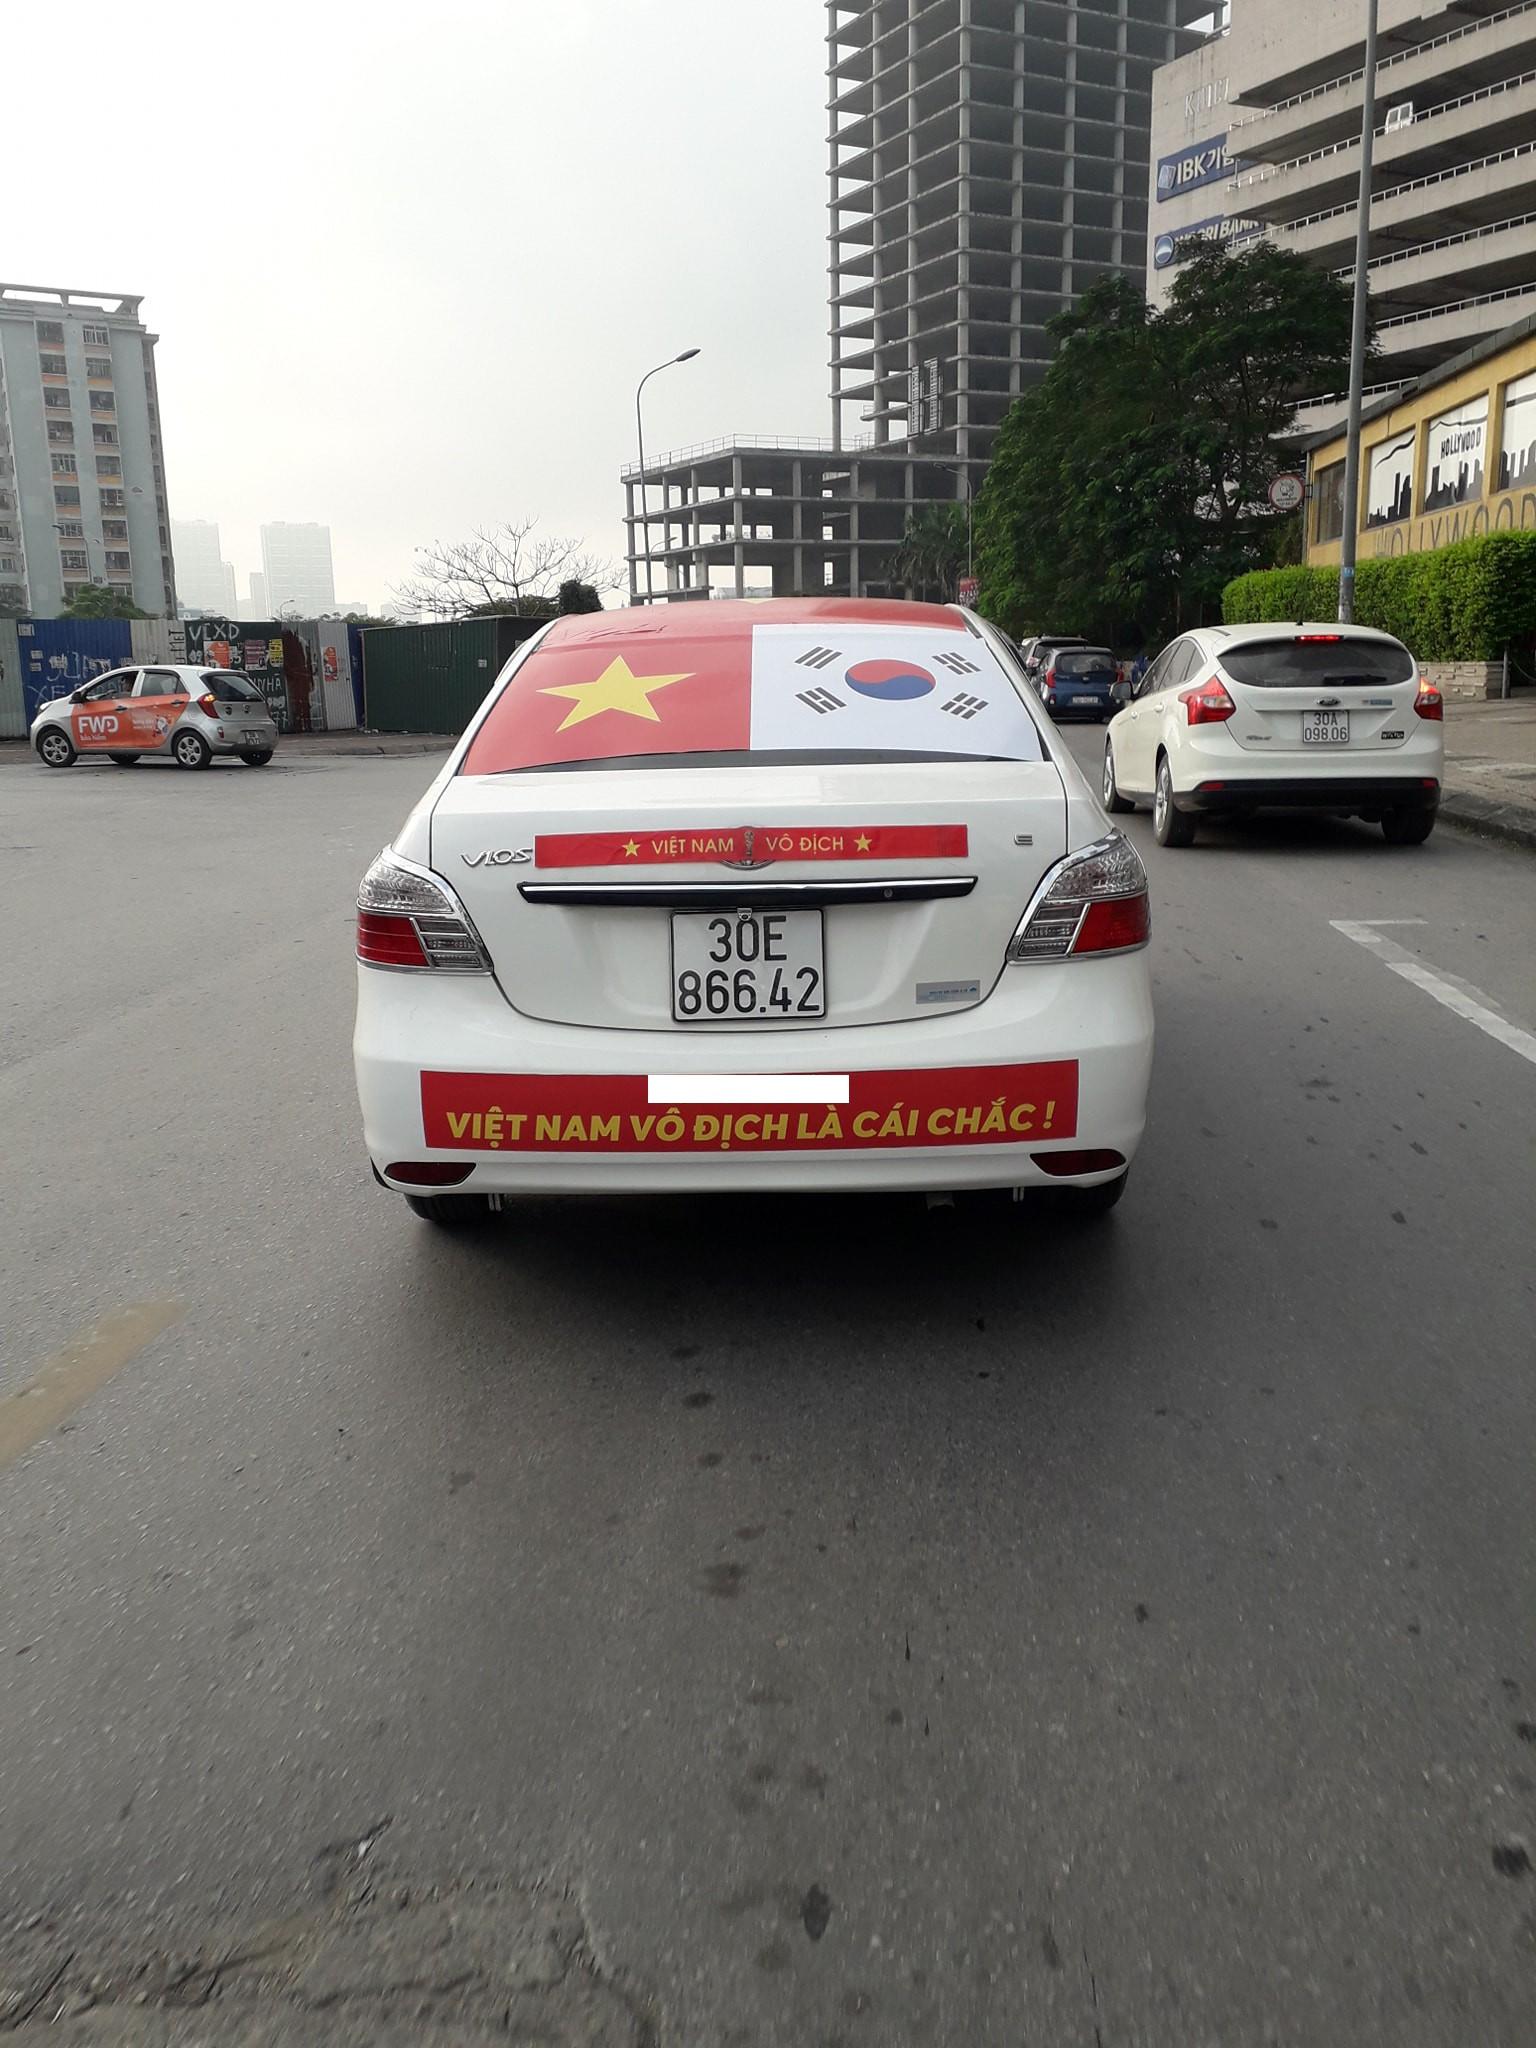 Muôn kiểu trang trí xe chất như nước cất trước trận bán kết Việt Nam đấu Philippines - Ảnh 3.